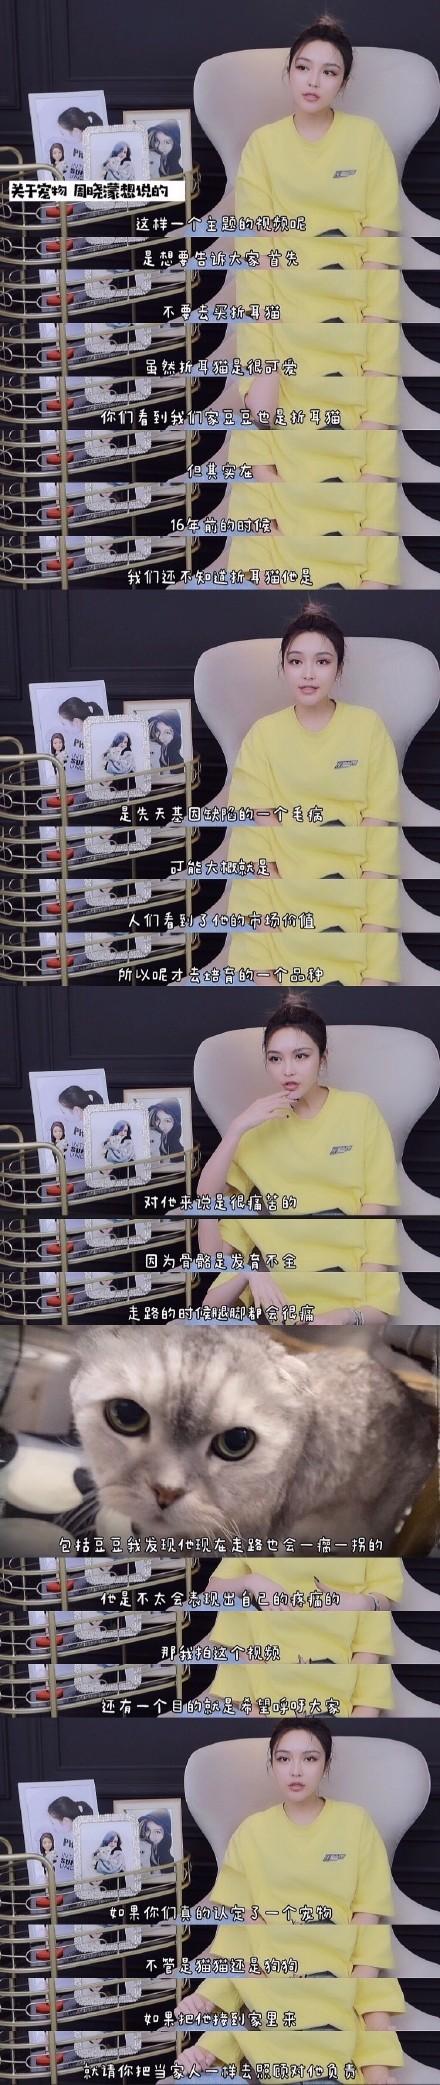 周扬青呼吁不养折耳猫 折耳猫的制作方式太残忍